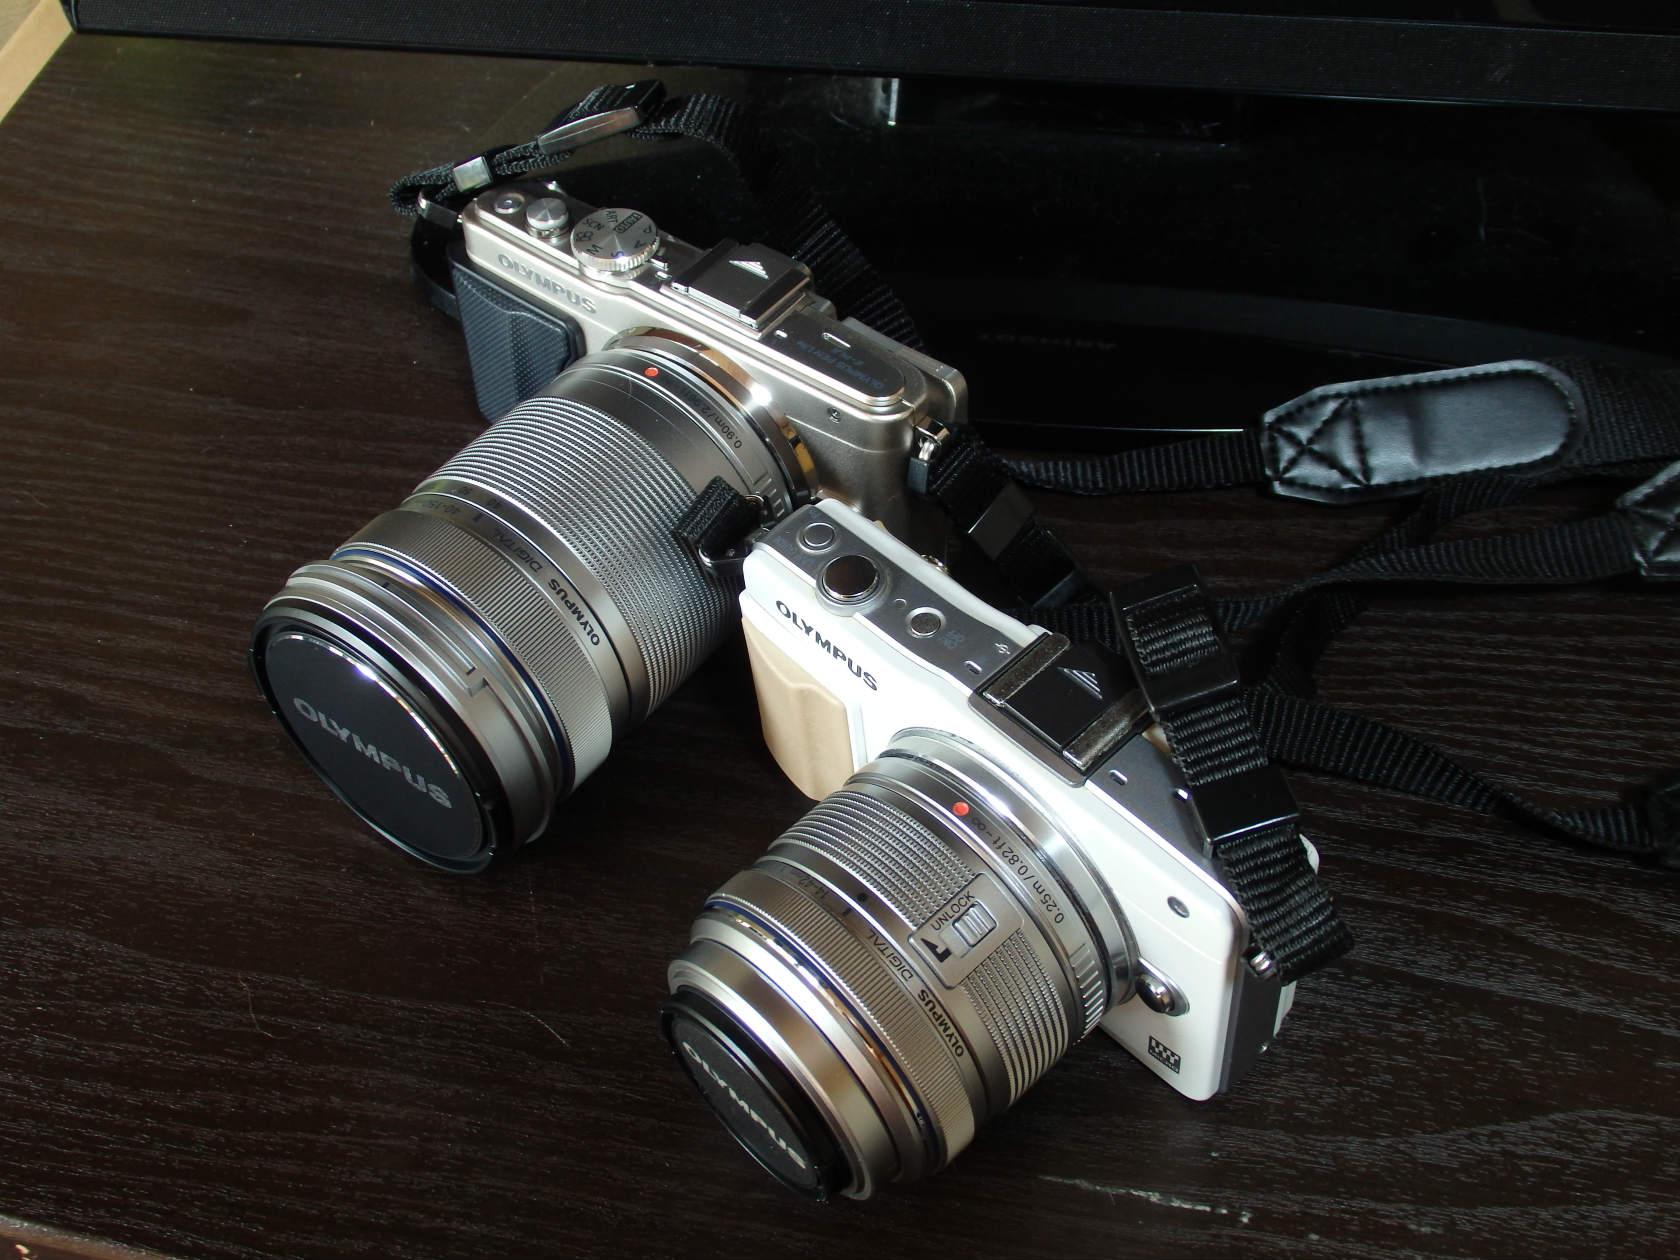 モードダイヤルがあるのとないミラーレスカメラ